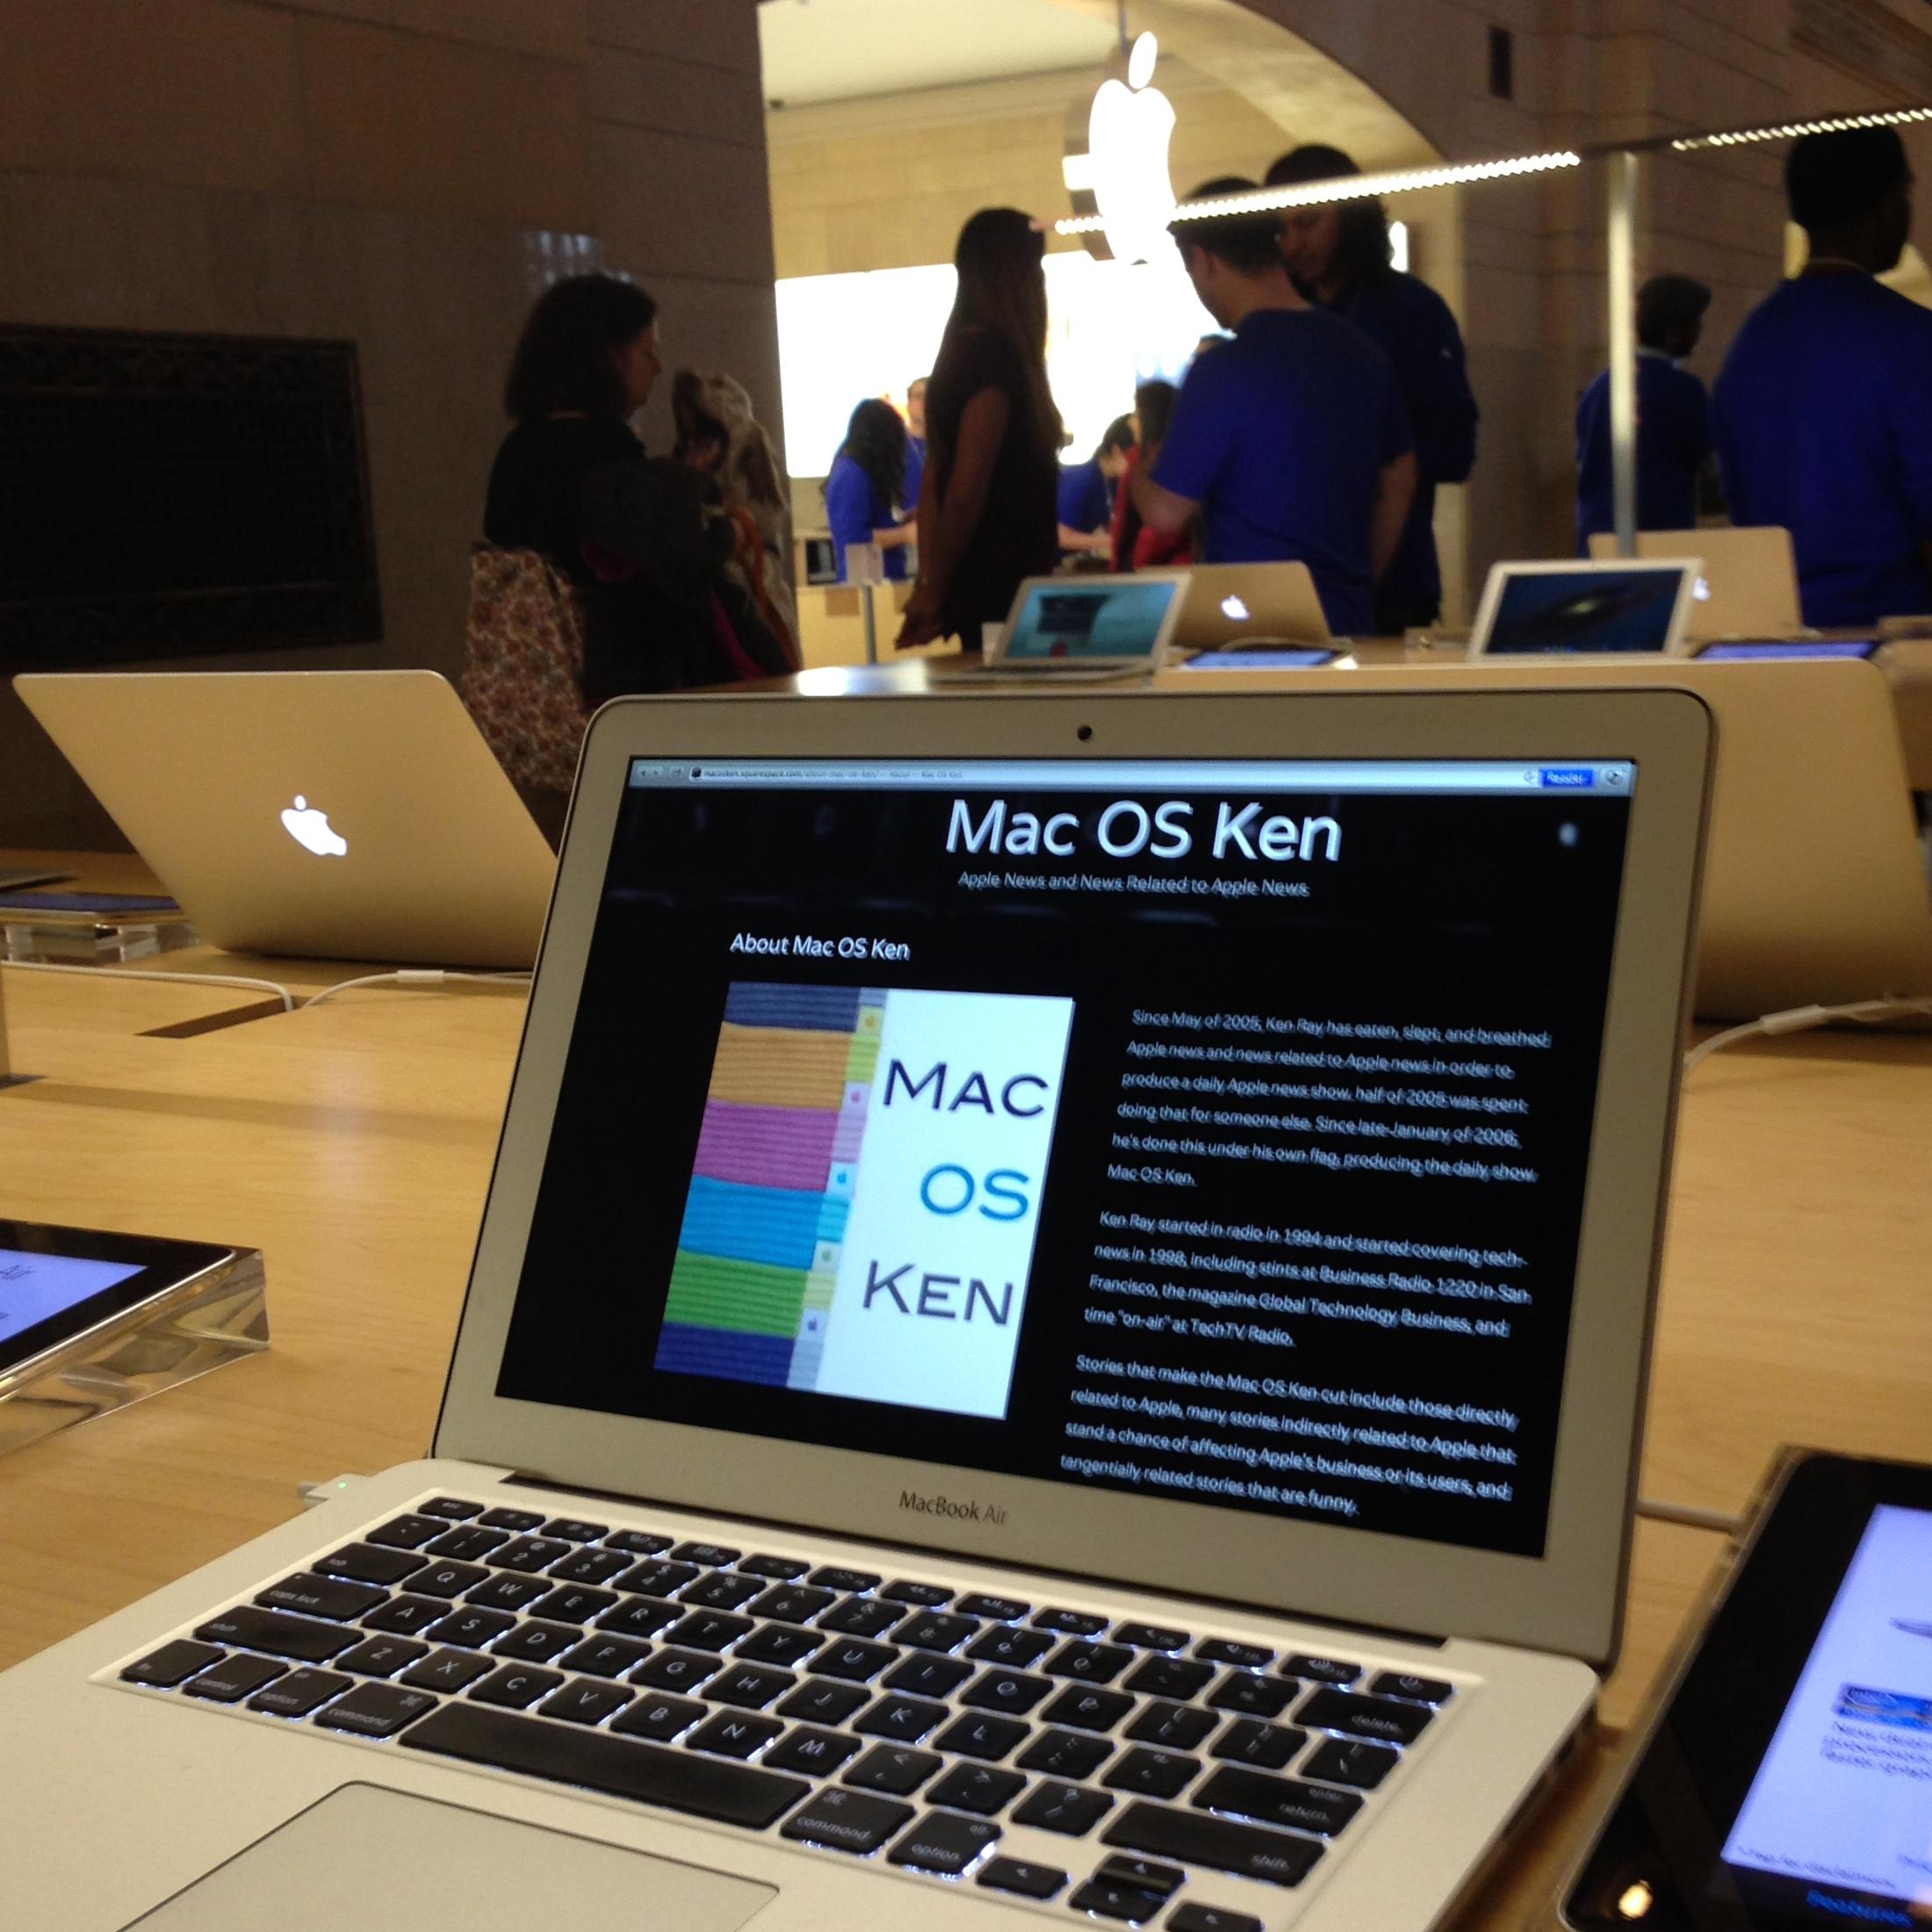 Mac OS Ken: 03.13.2013